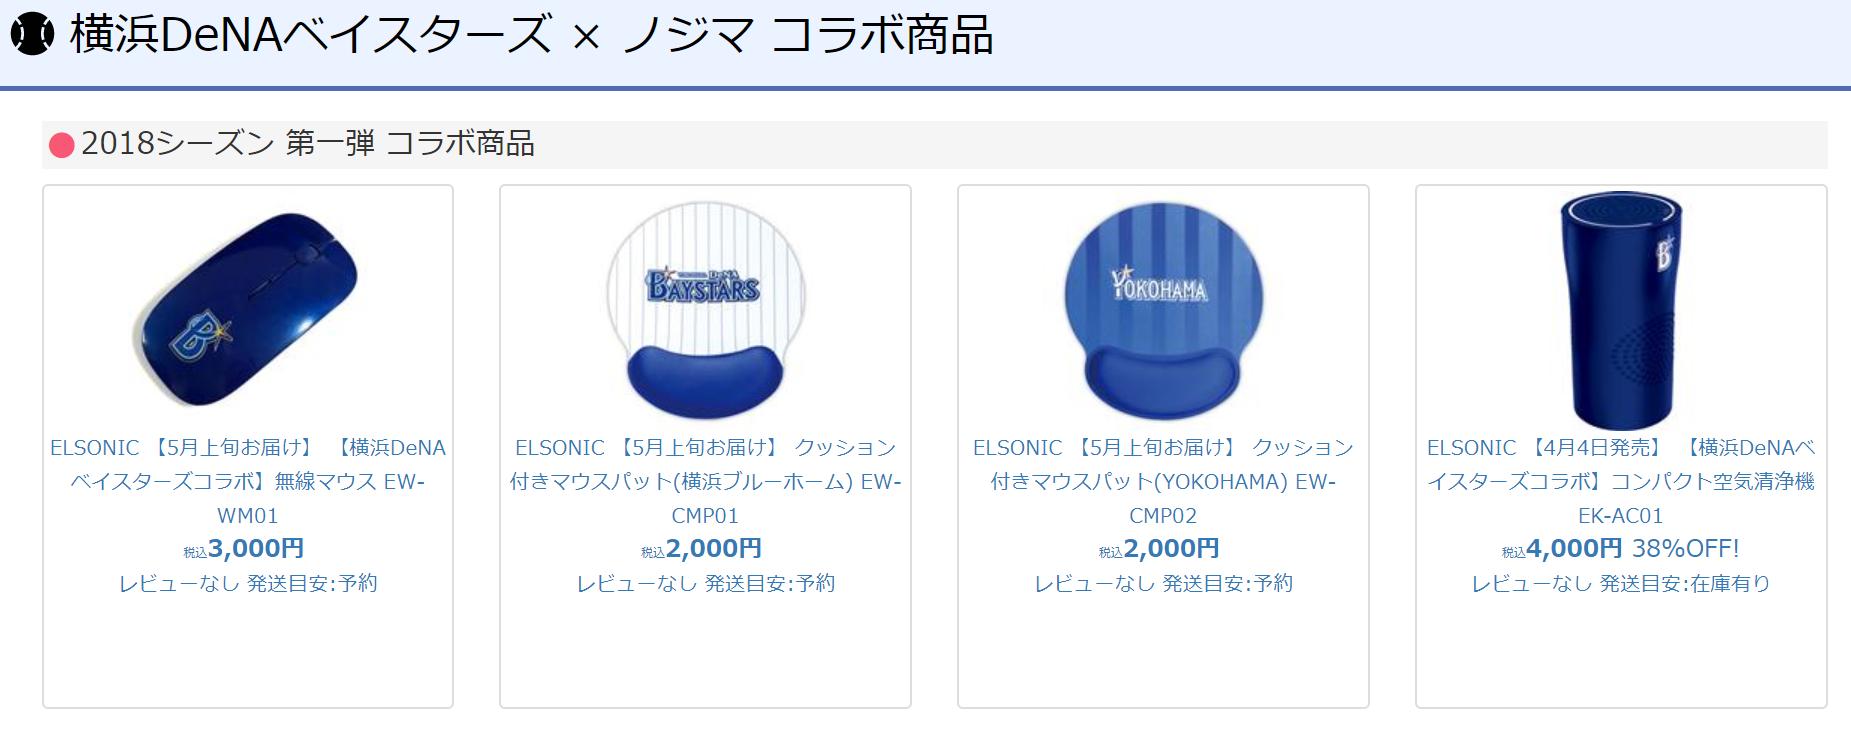 横浜DeNAベイスターズ×ノジマコラボ商品